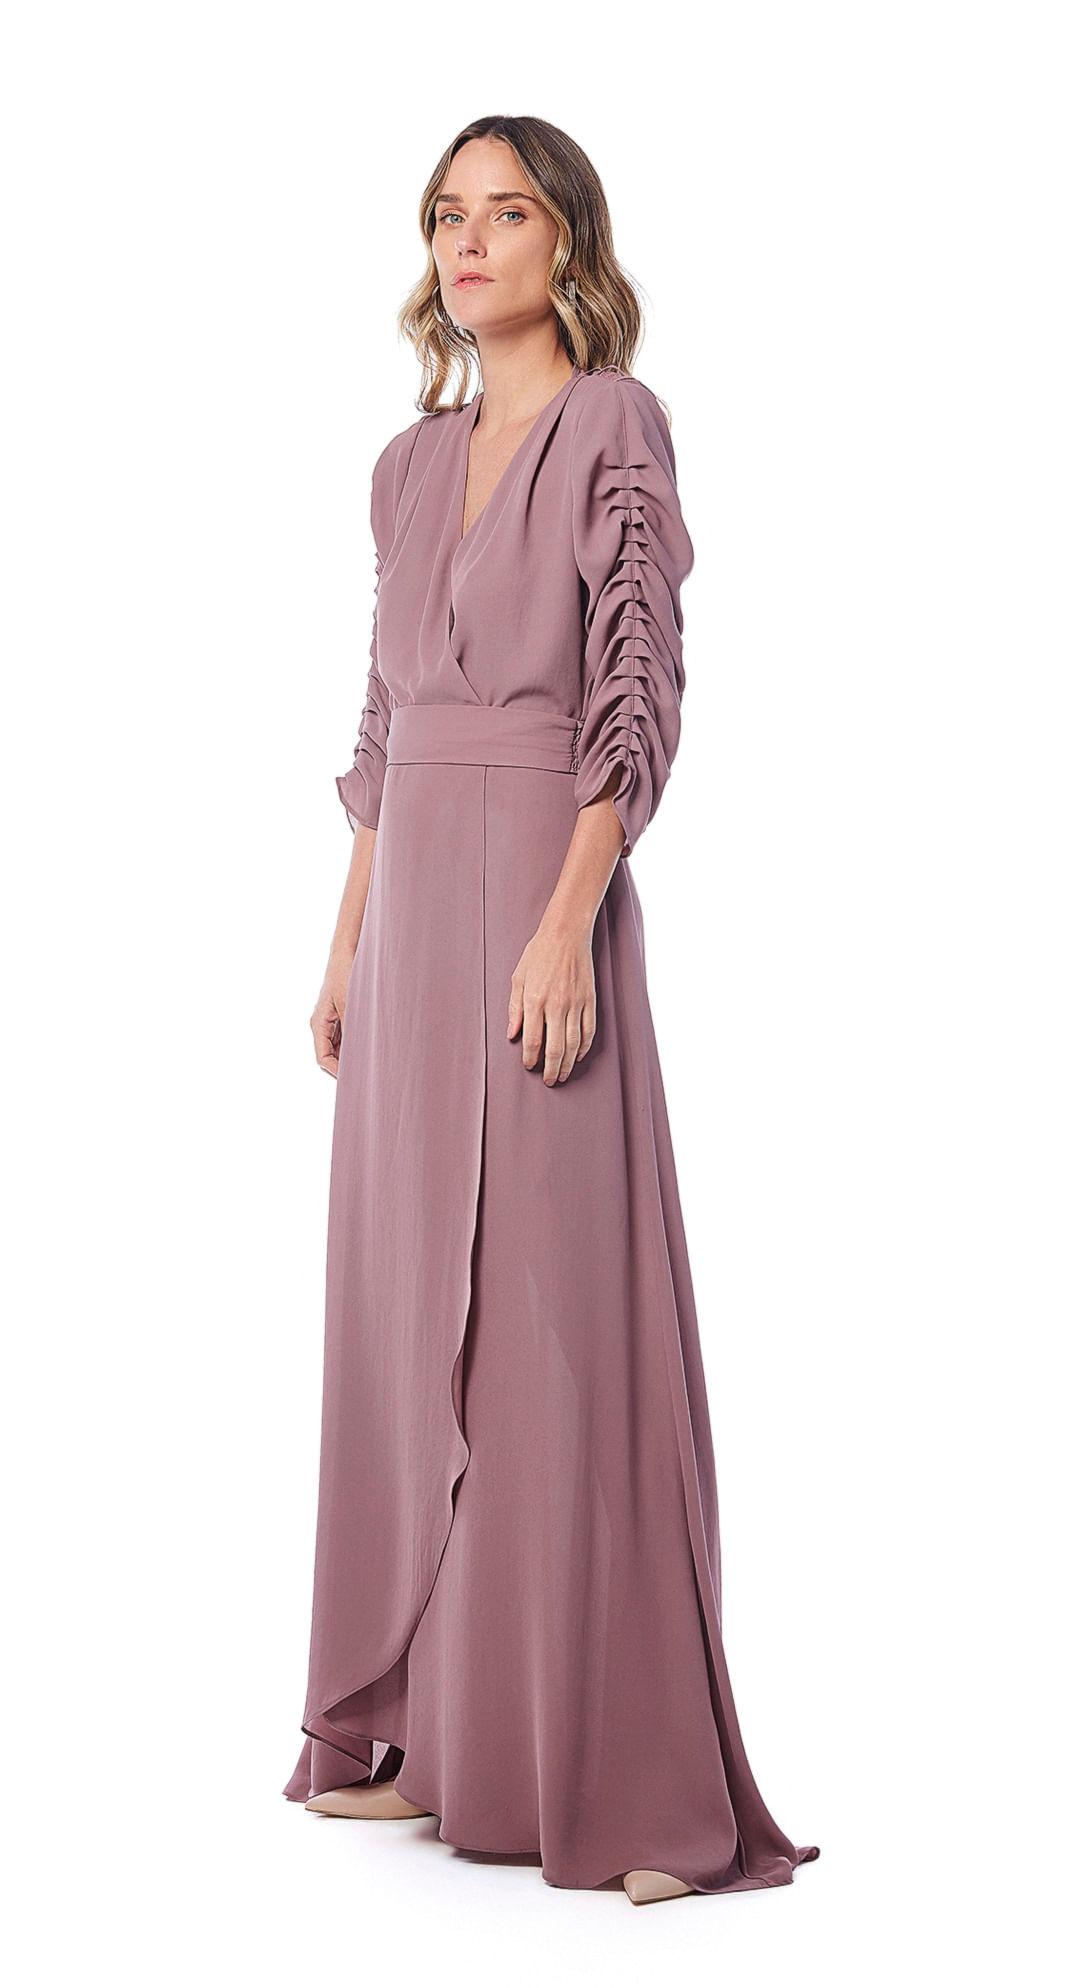 8265fcf54 Vestido Longo Decote Transpassado Detalhe Vies Rosa - Maria Valentina